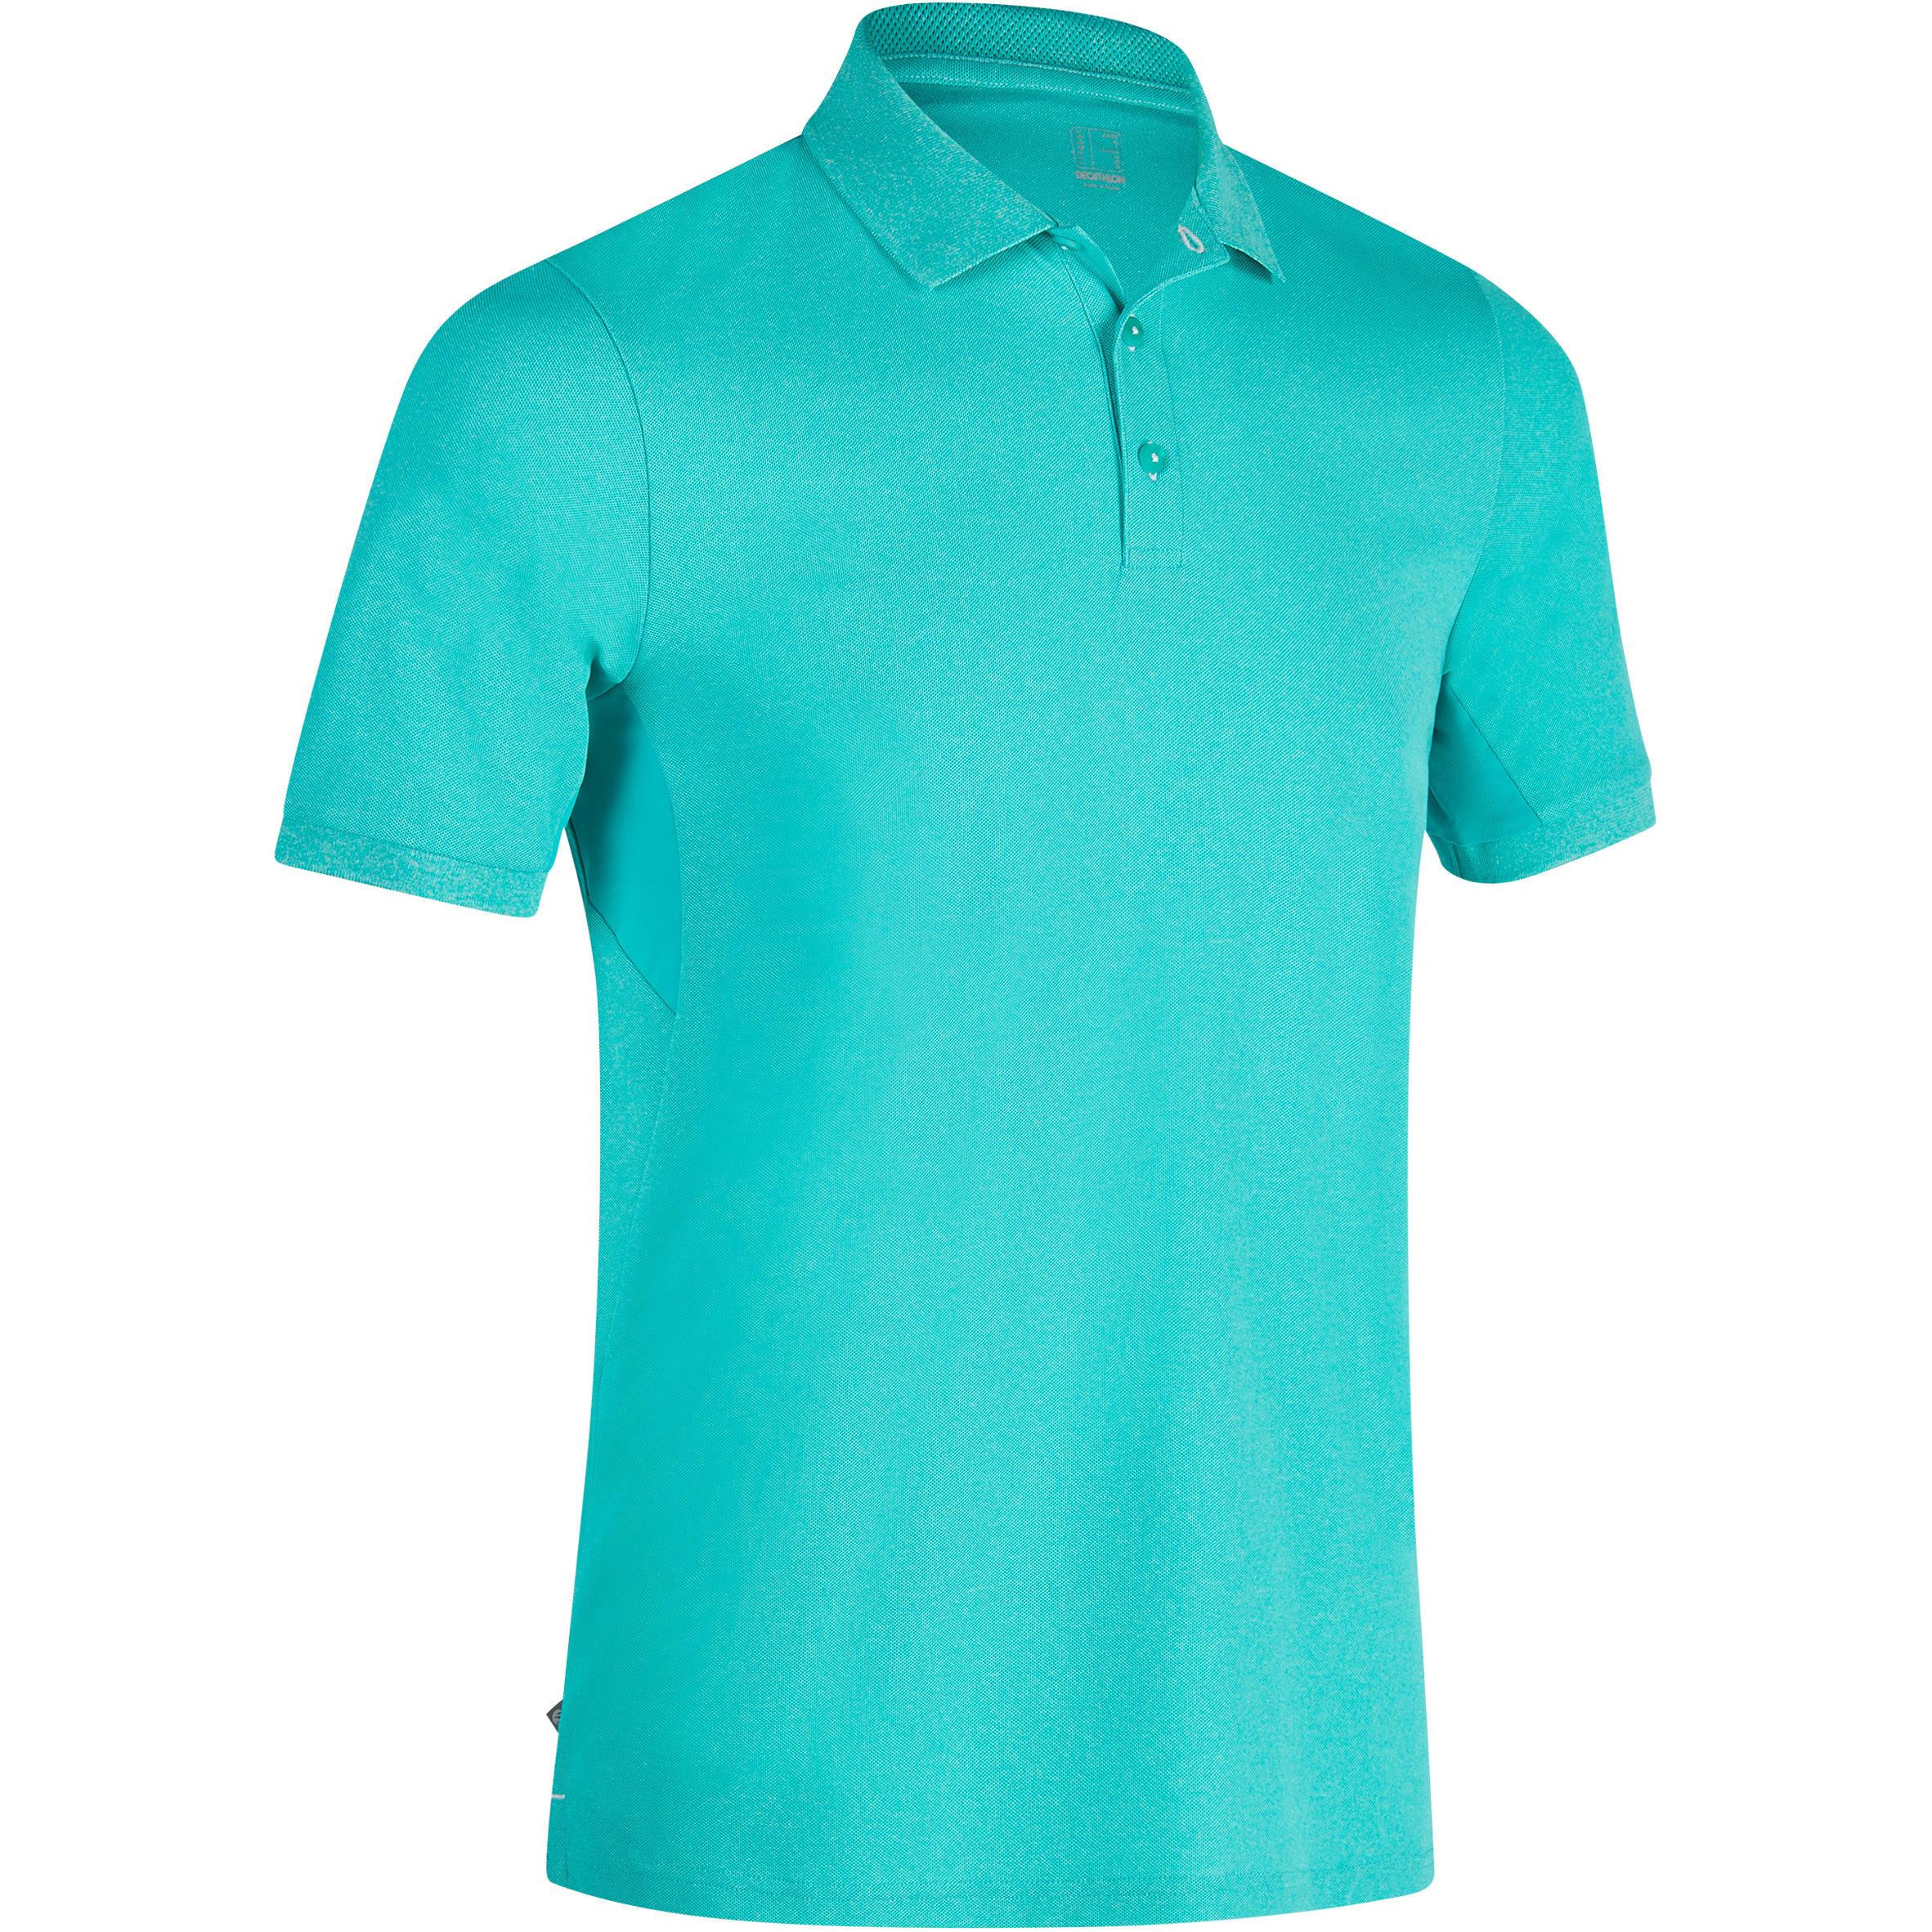 Polo de golf para hombre manga corta 900 - clima caluroso - turquesa moteado